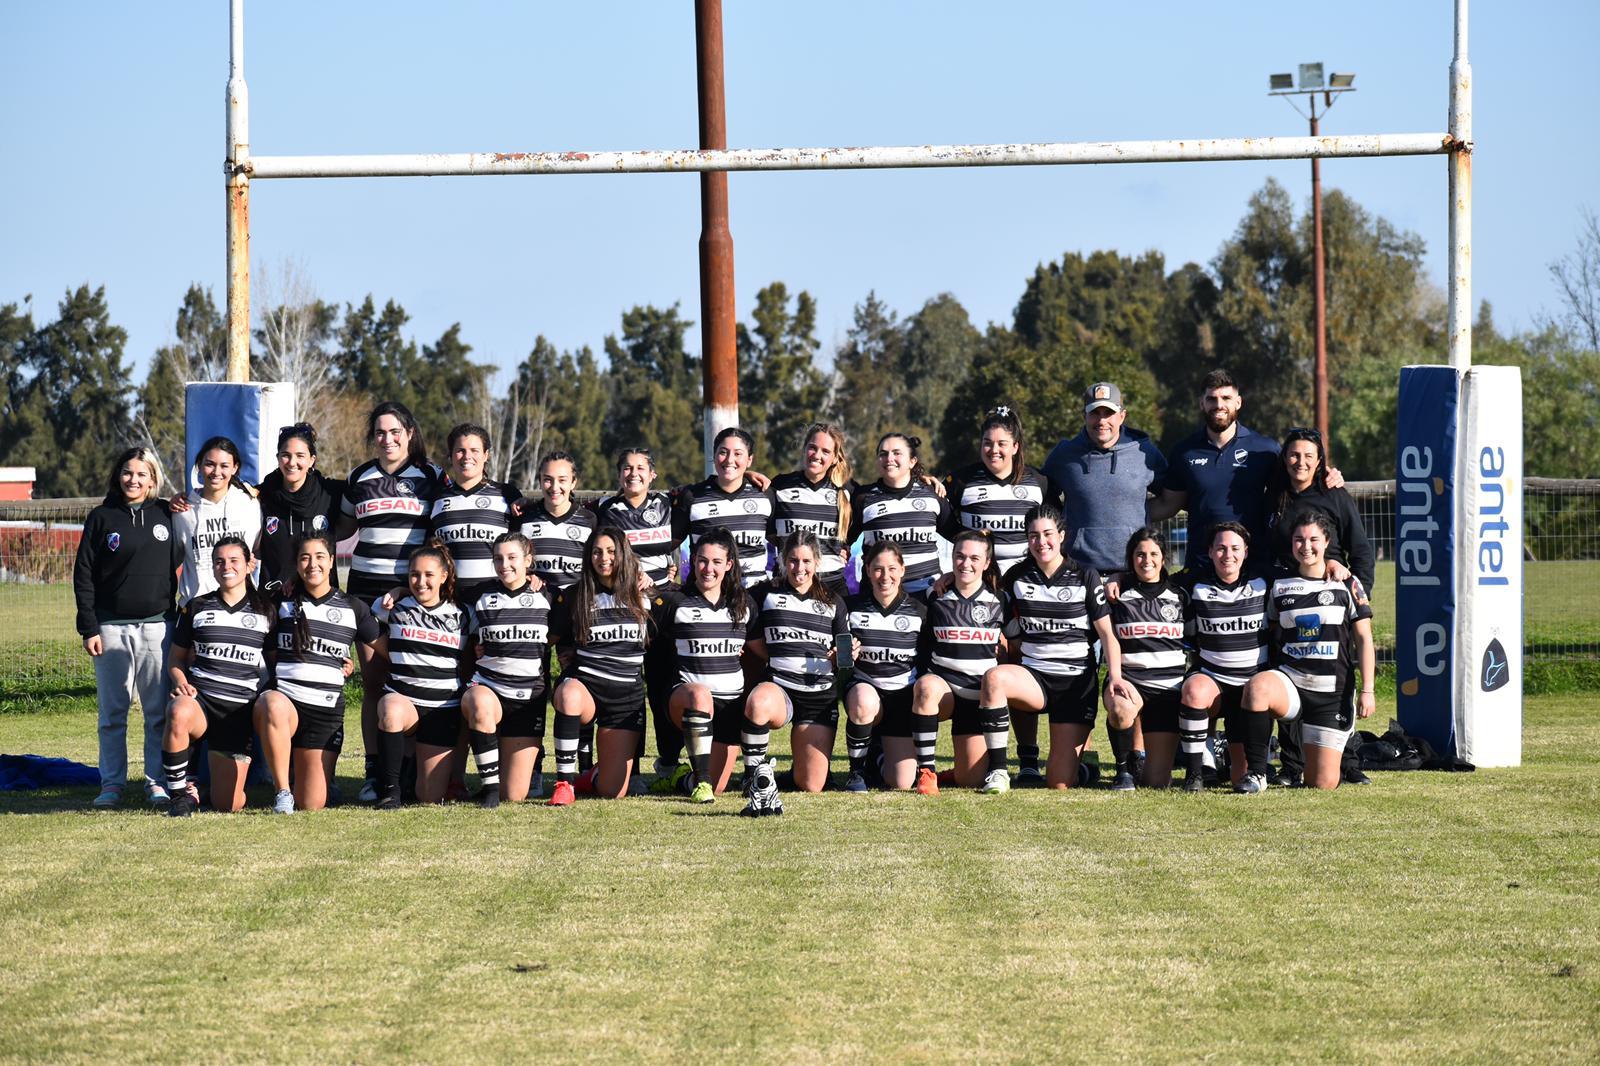 ¡Comenzó el Ciurcuito Nacional de Rugby Femenino!